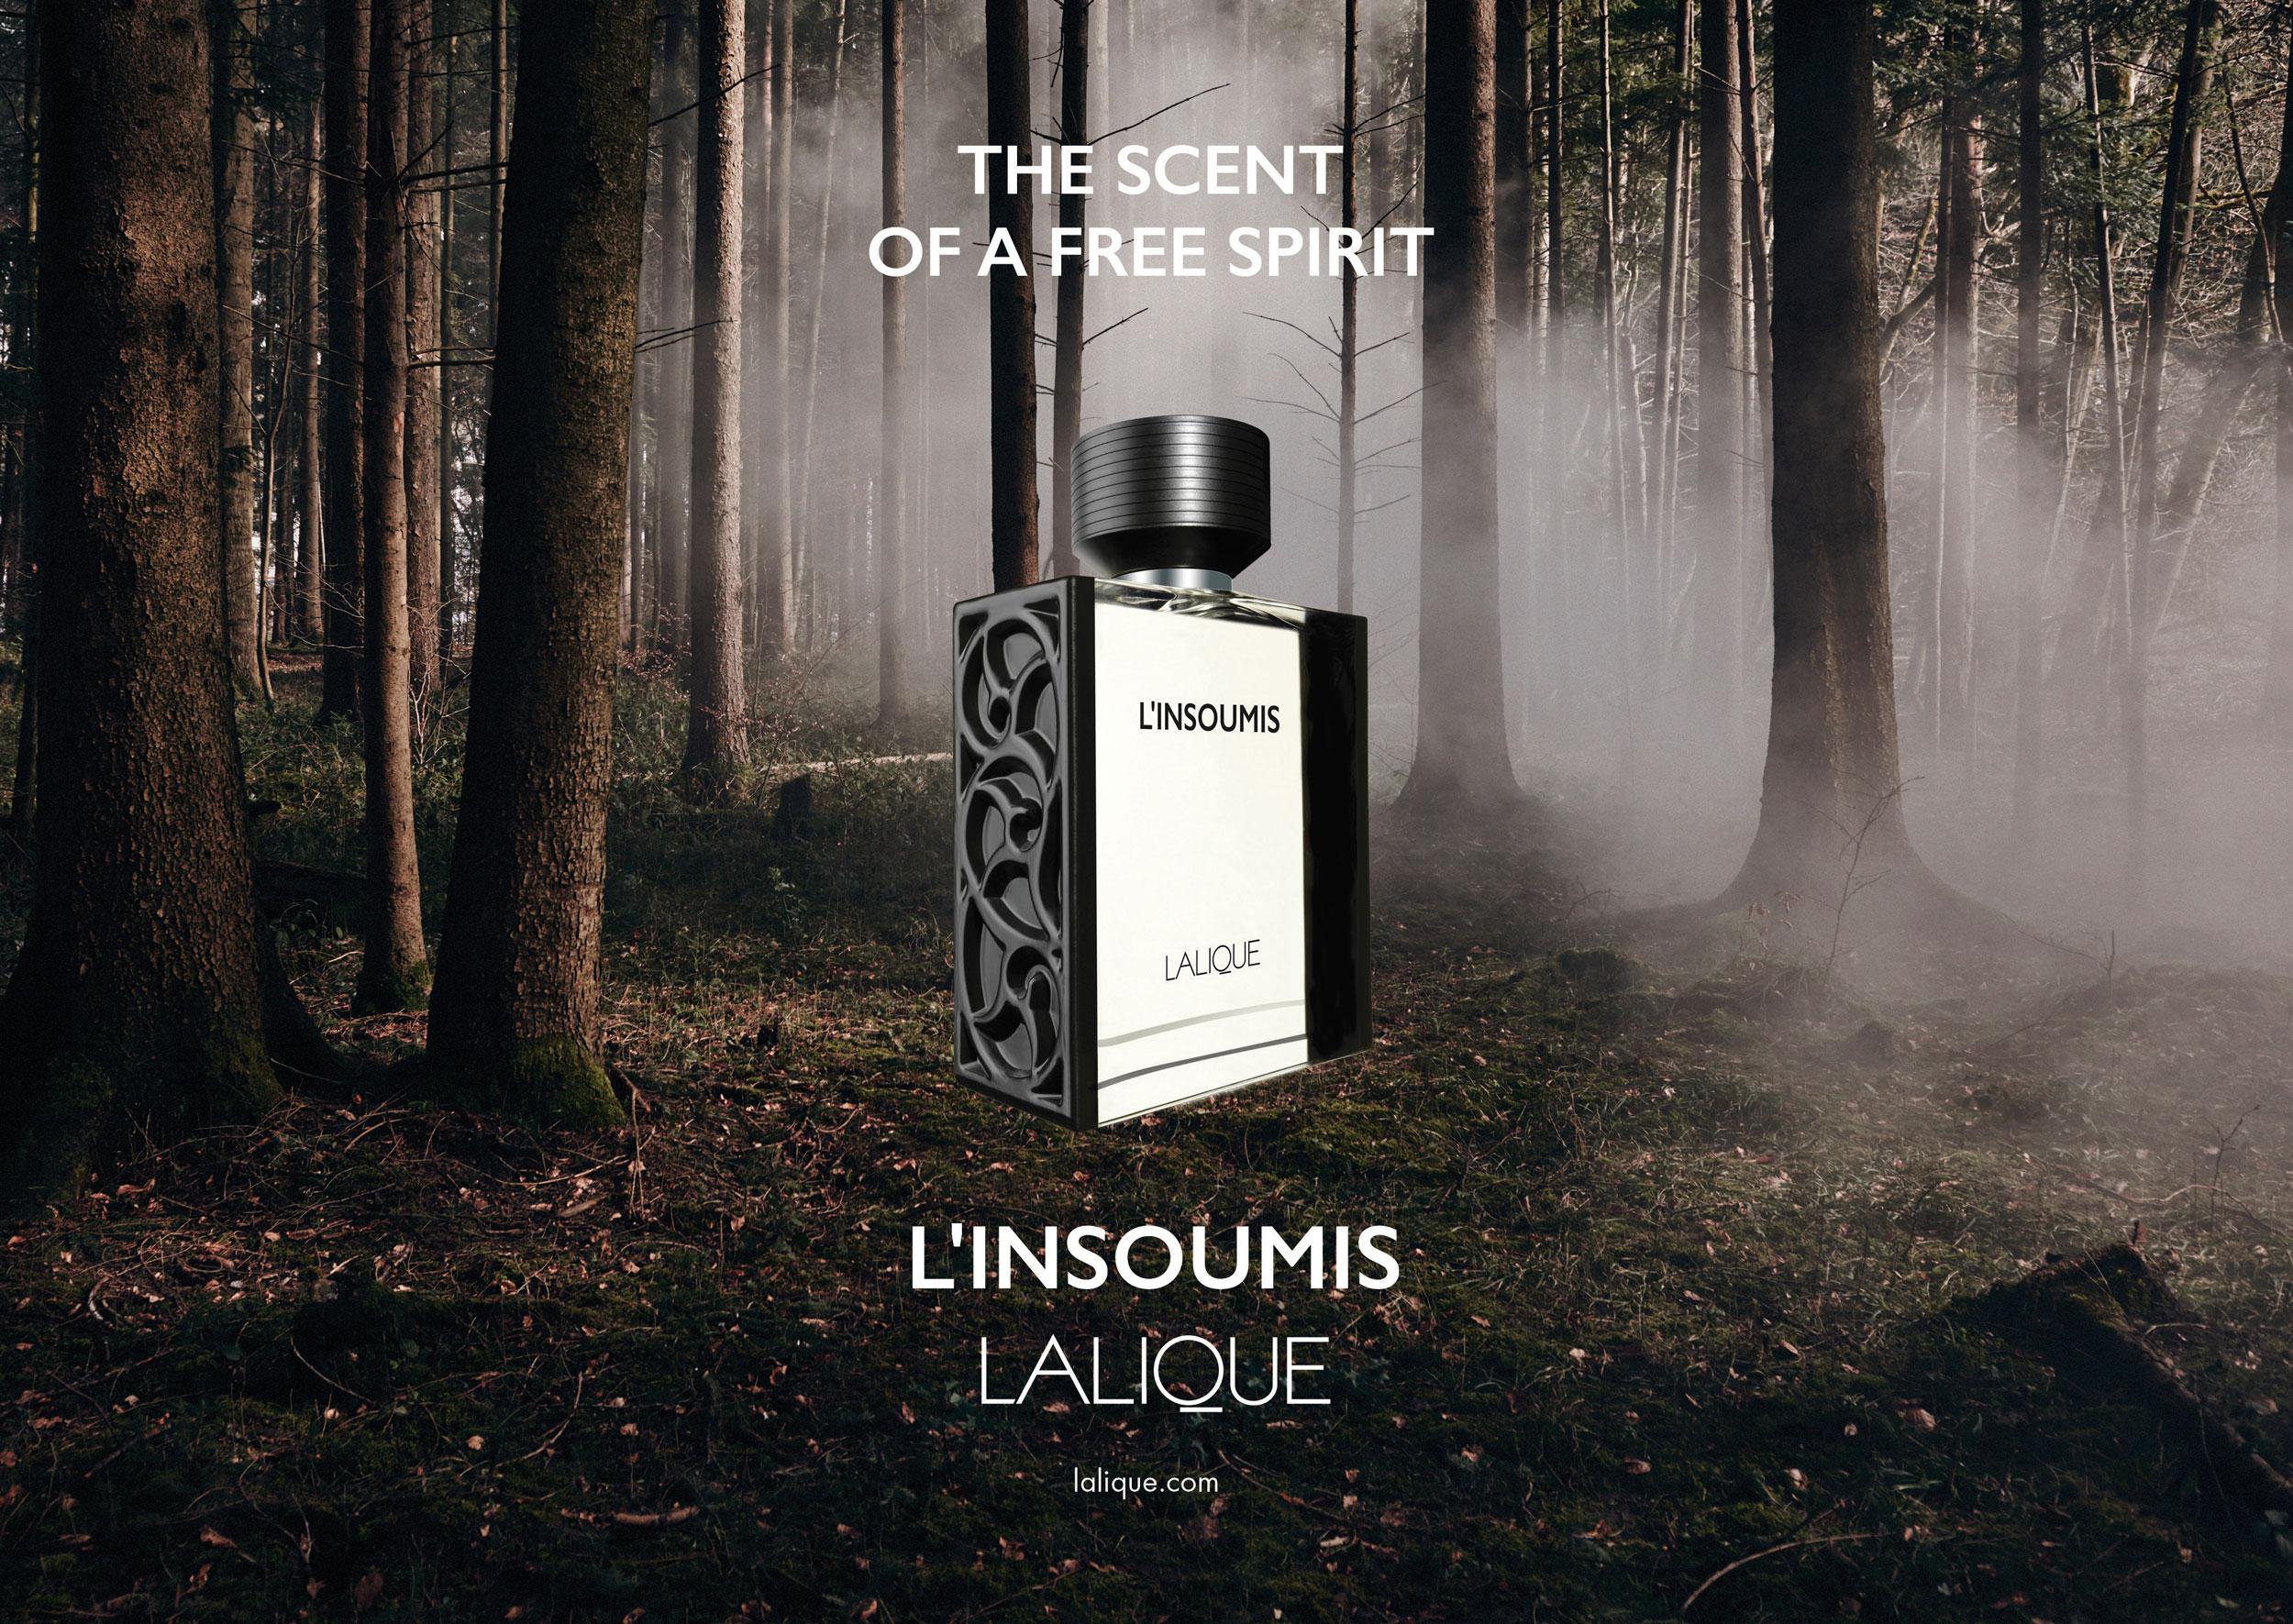 blyss-lalique-advertising-01.jpg